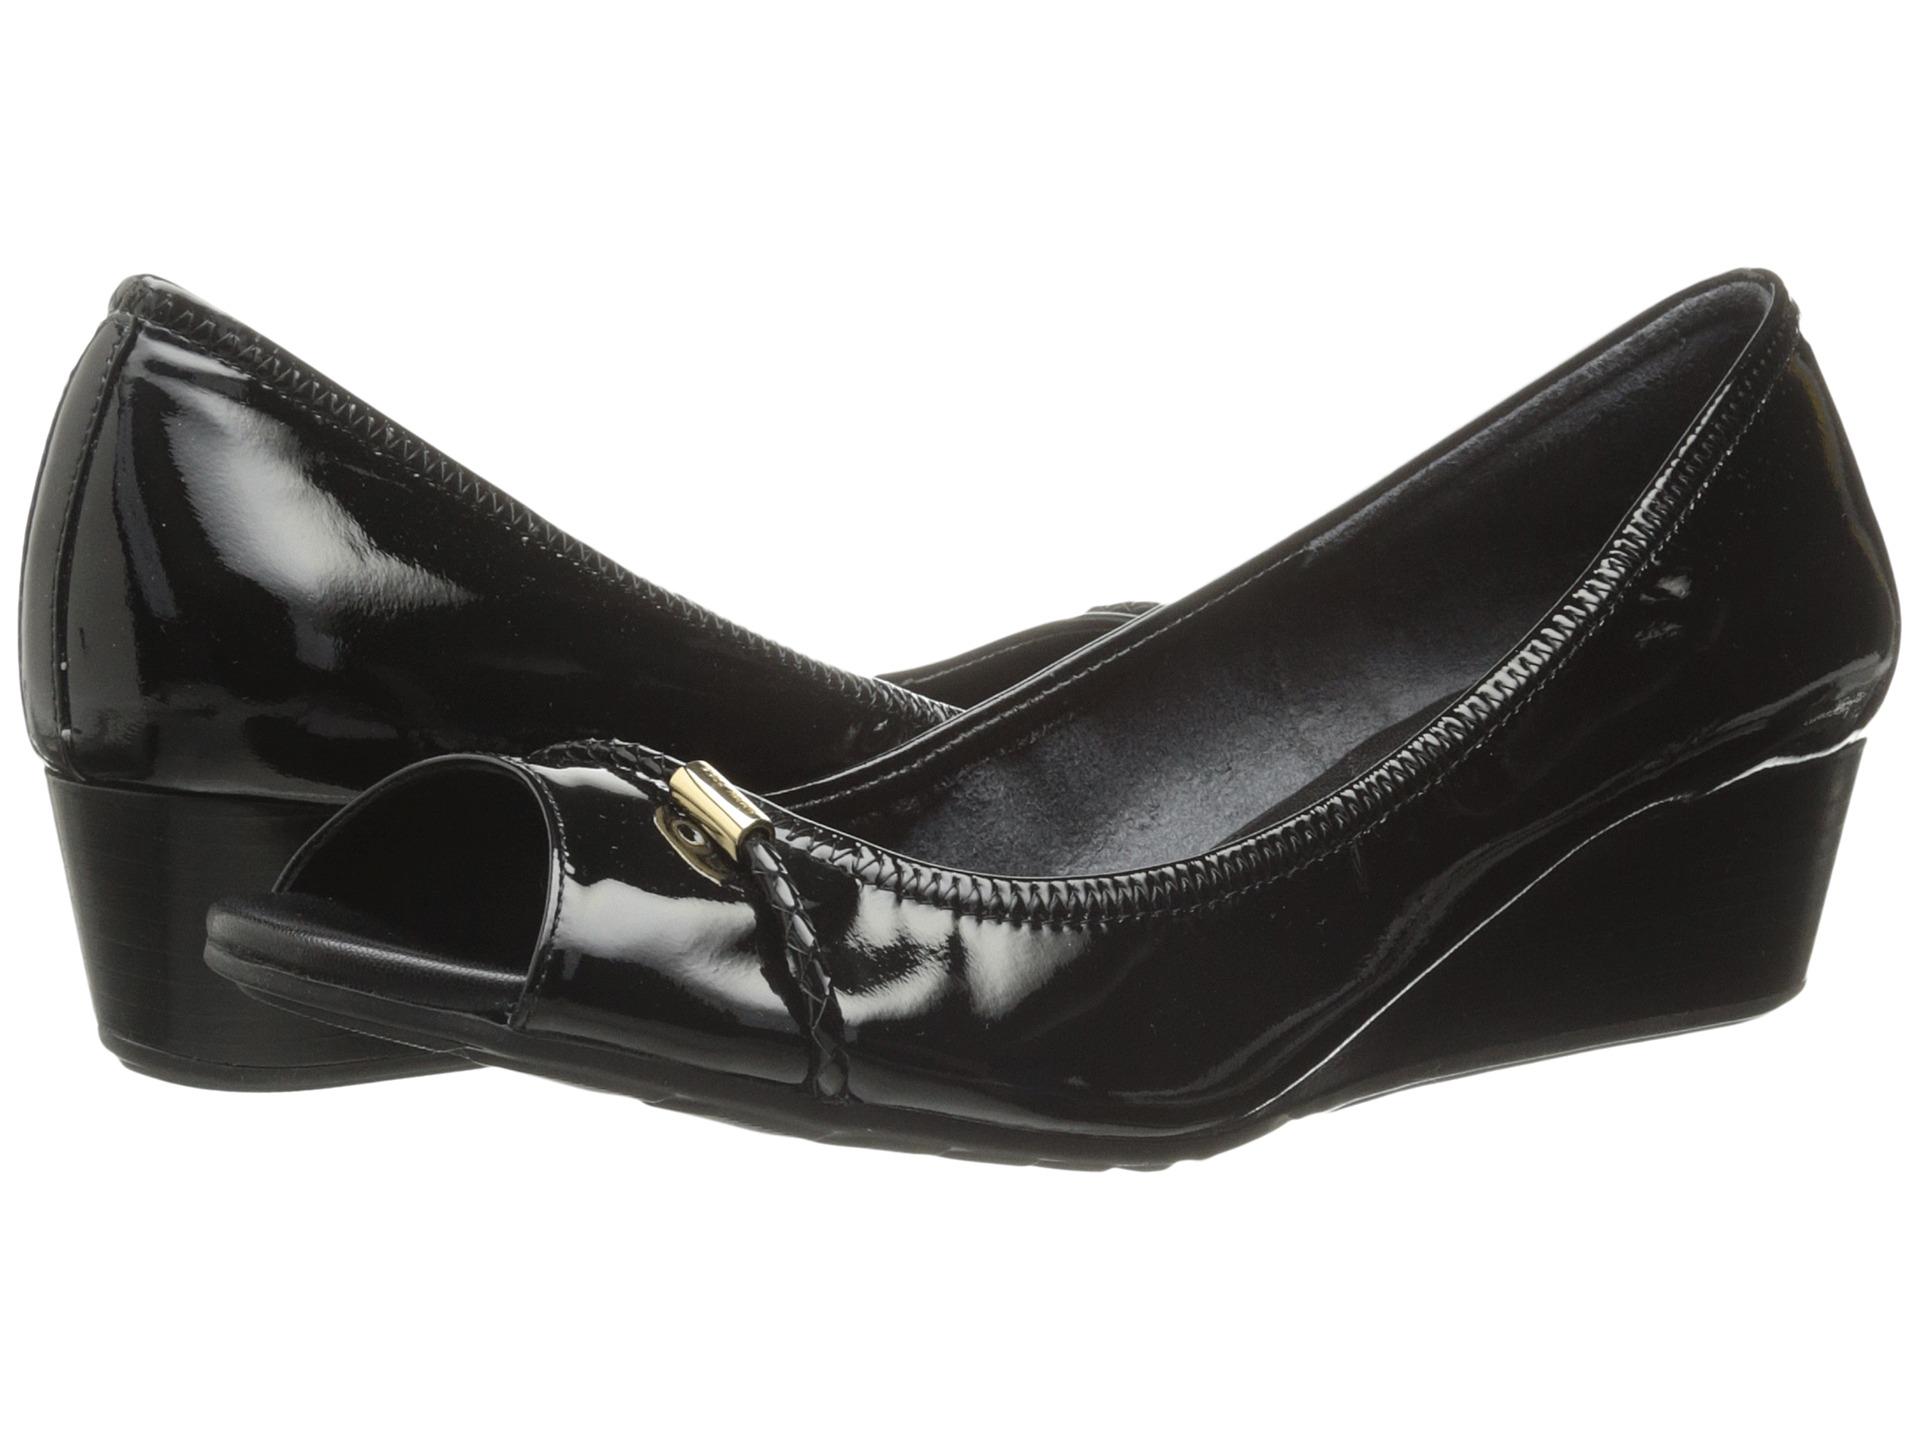 Black Open Toe Wedge Heels